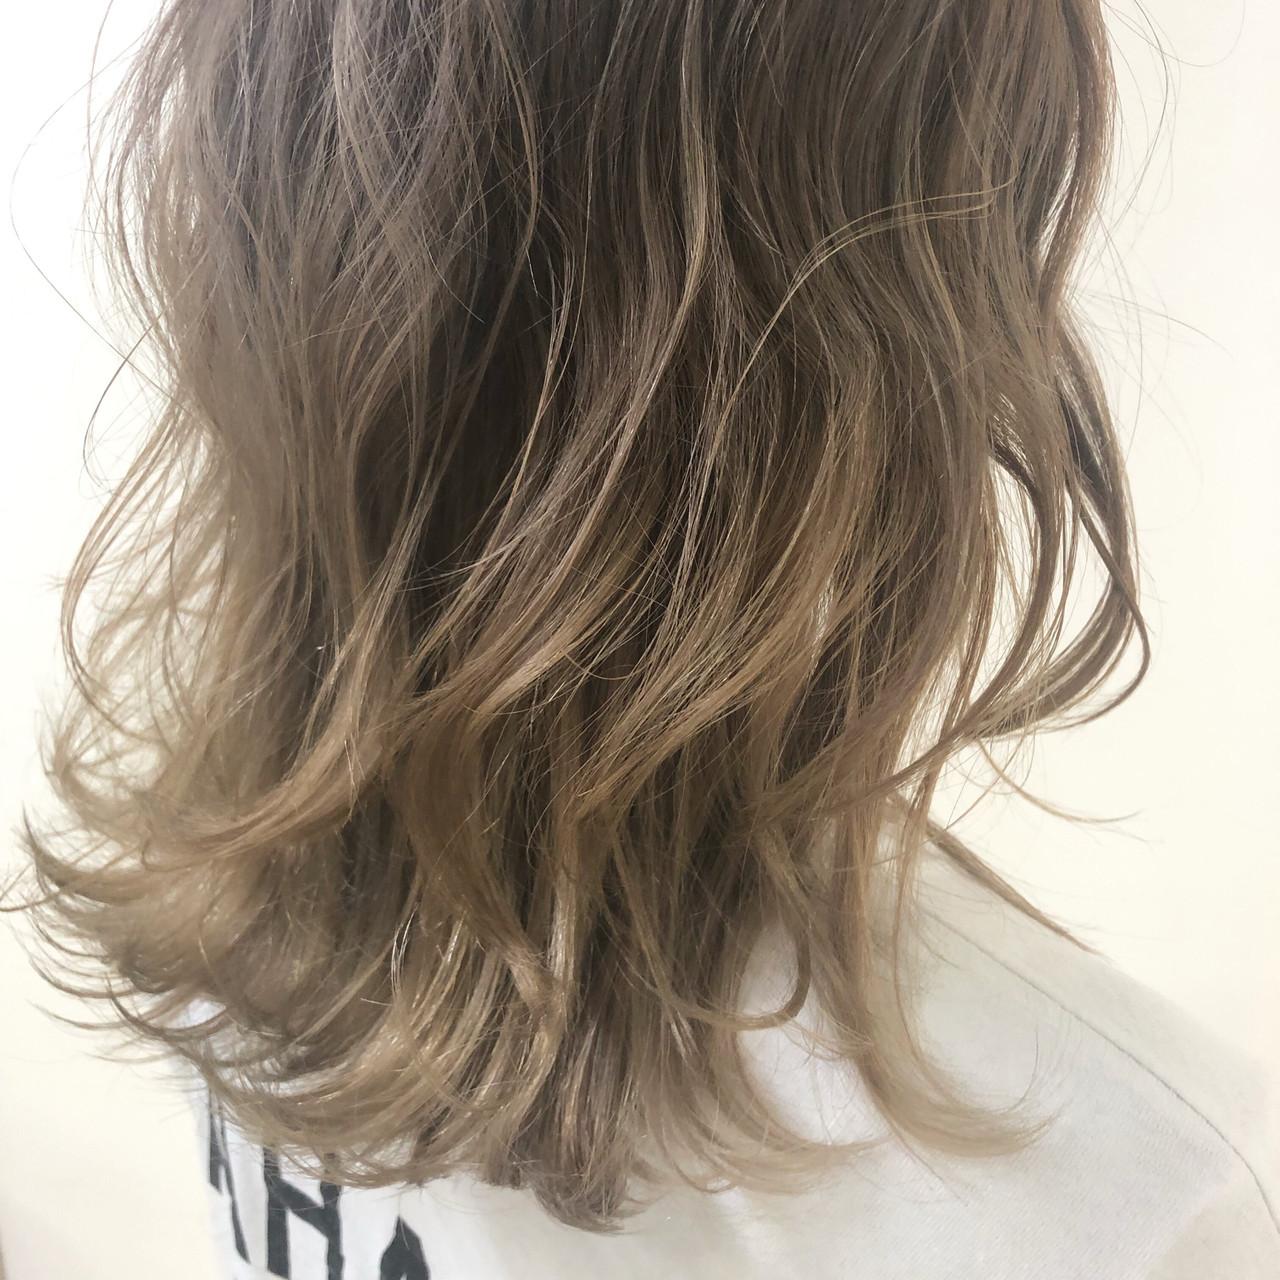 グラデーションカラー 外国人風カラー ヘアカラー ミディアム ヘアスタイルや髪型の写真・画像   yuhi / NOA